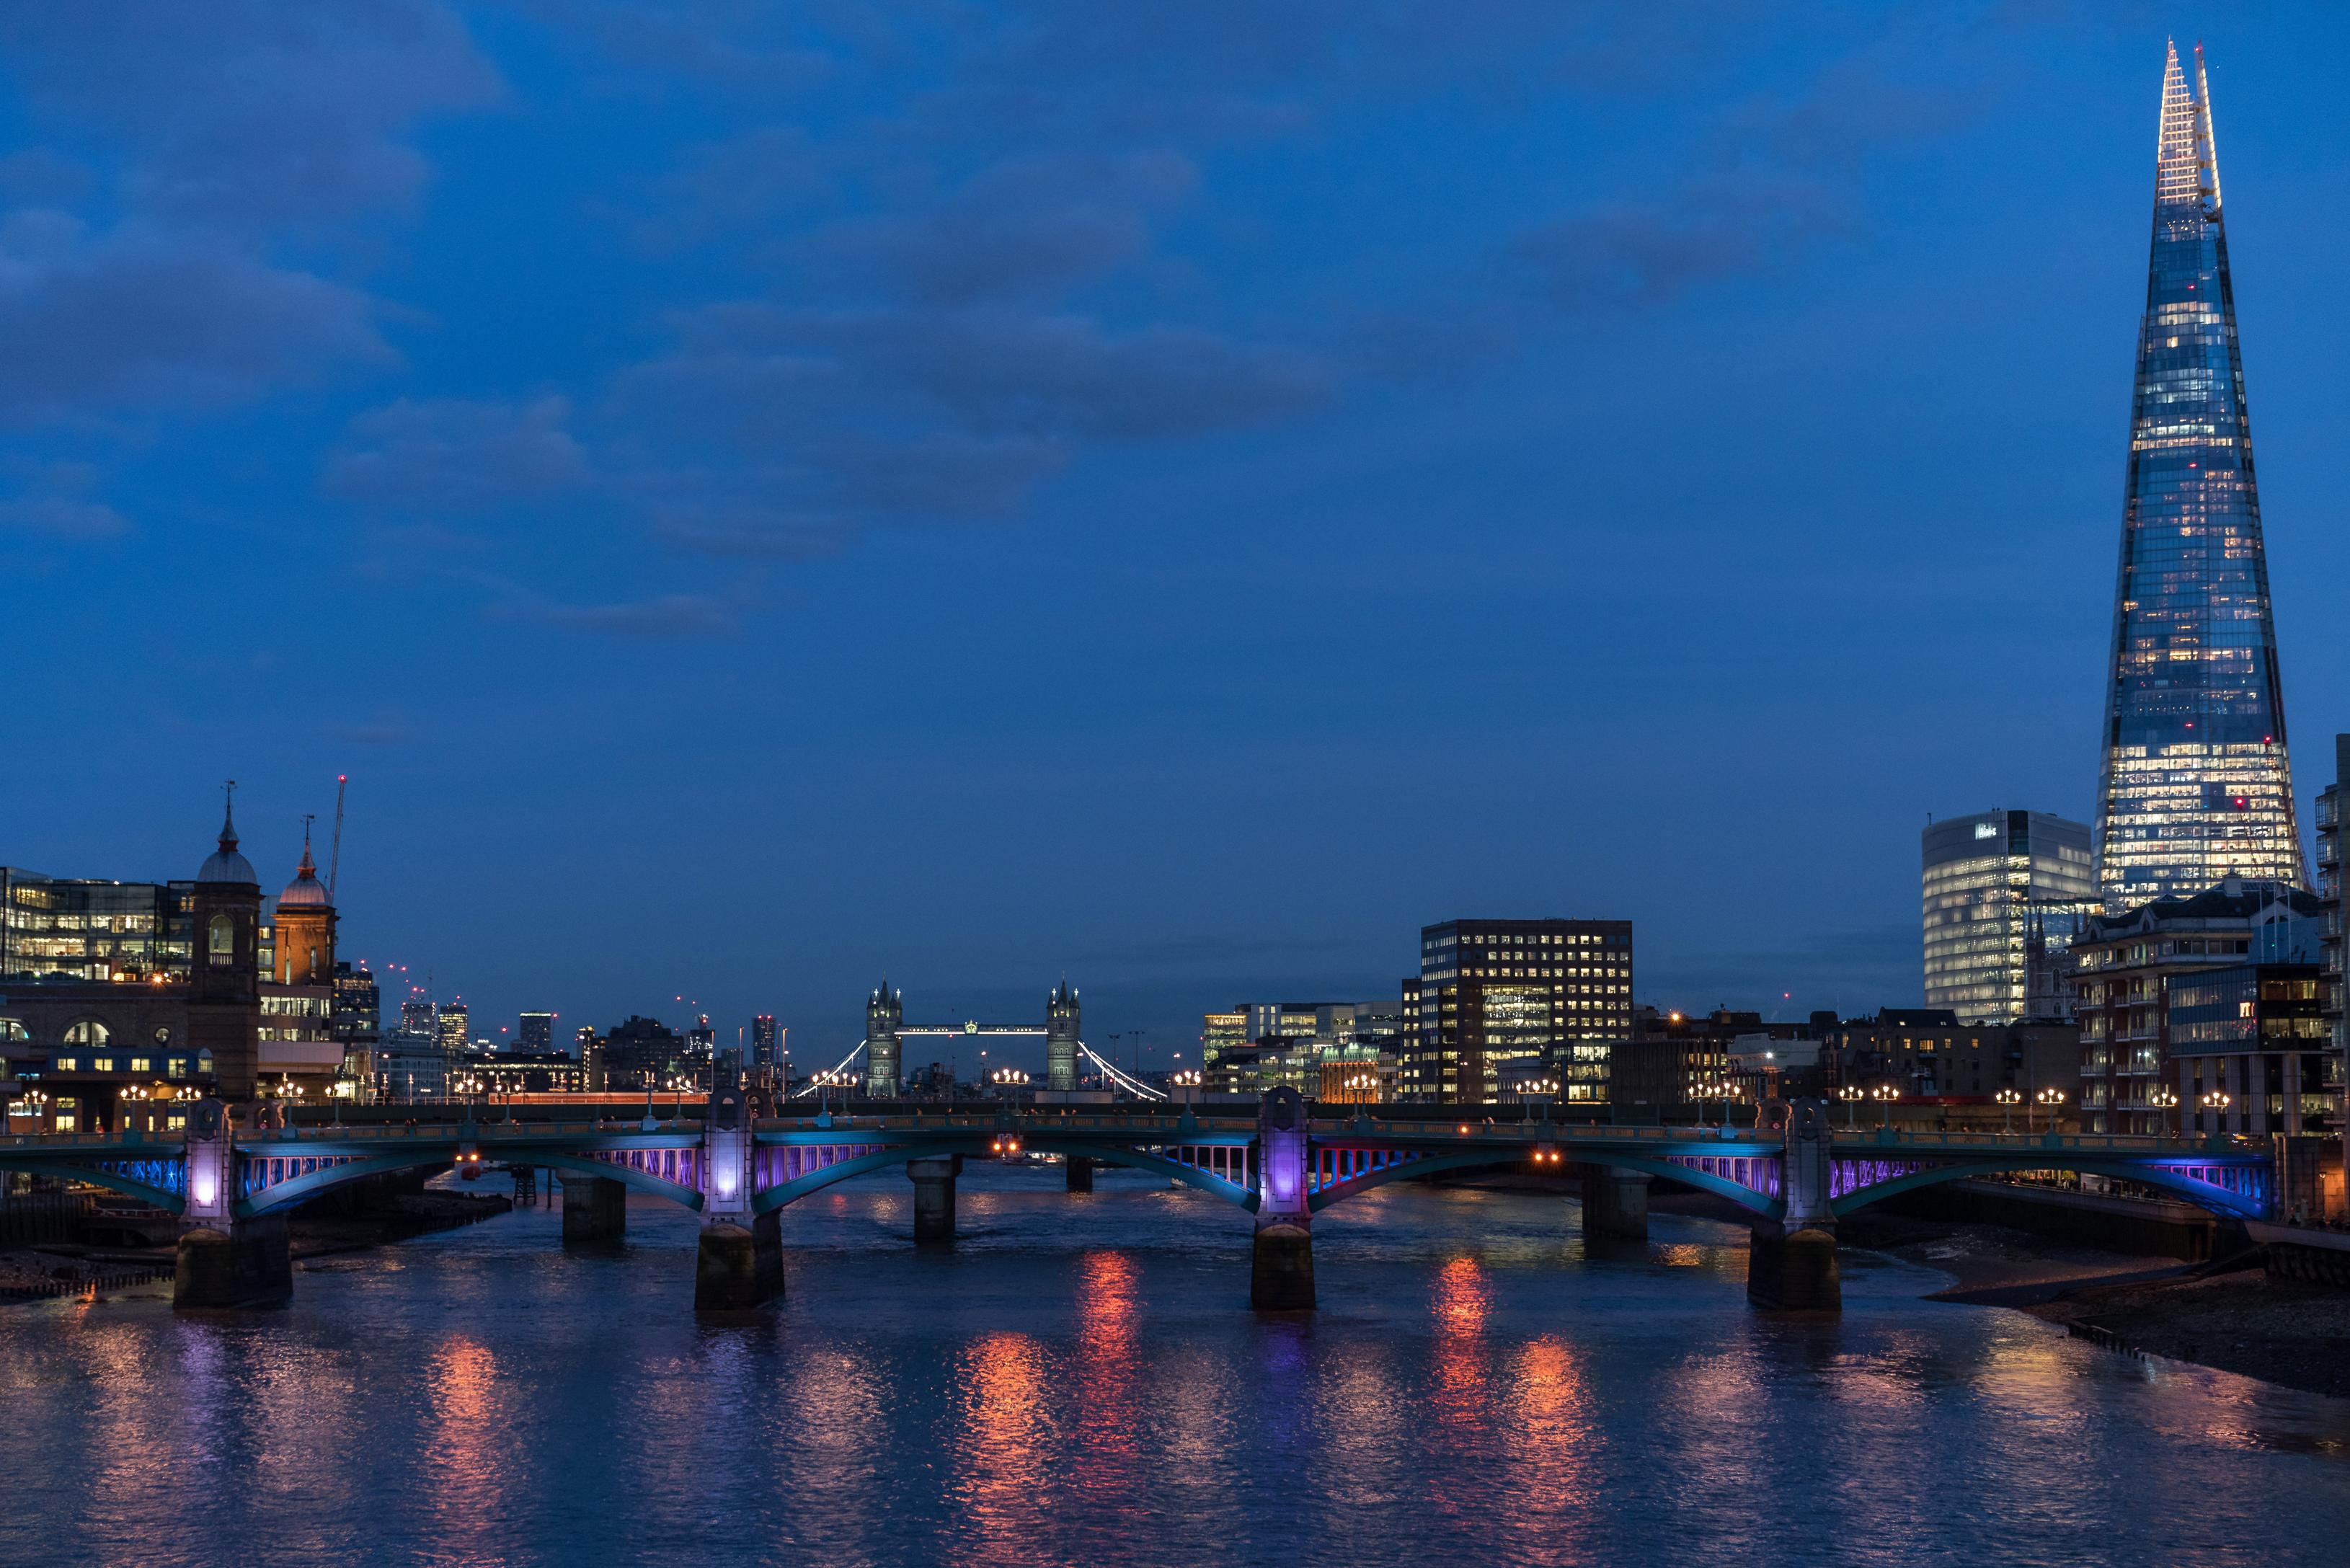 Фото лондоне Англия Мосты Реки Вечер Города Здания Лондон речка Дома город